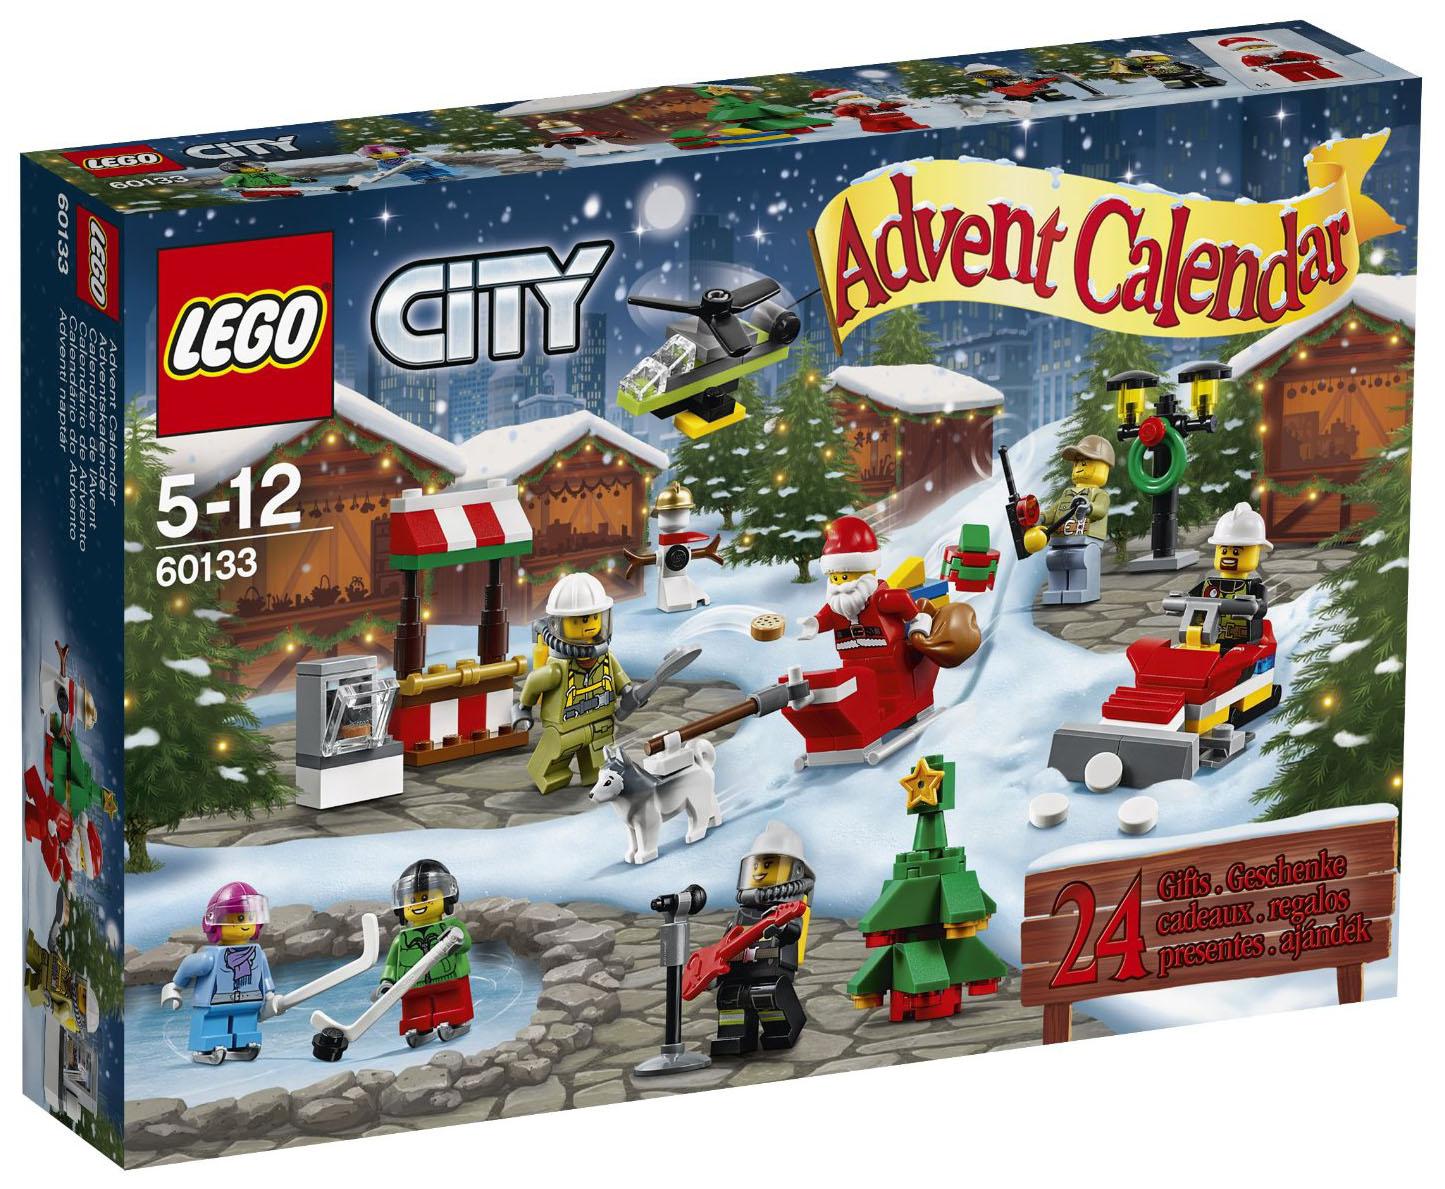 Lego saisonnier 60133 pas cher le calendrier de l 39 avent - Calendrier de l avent pas cher ...